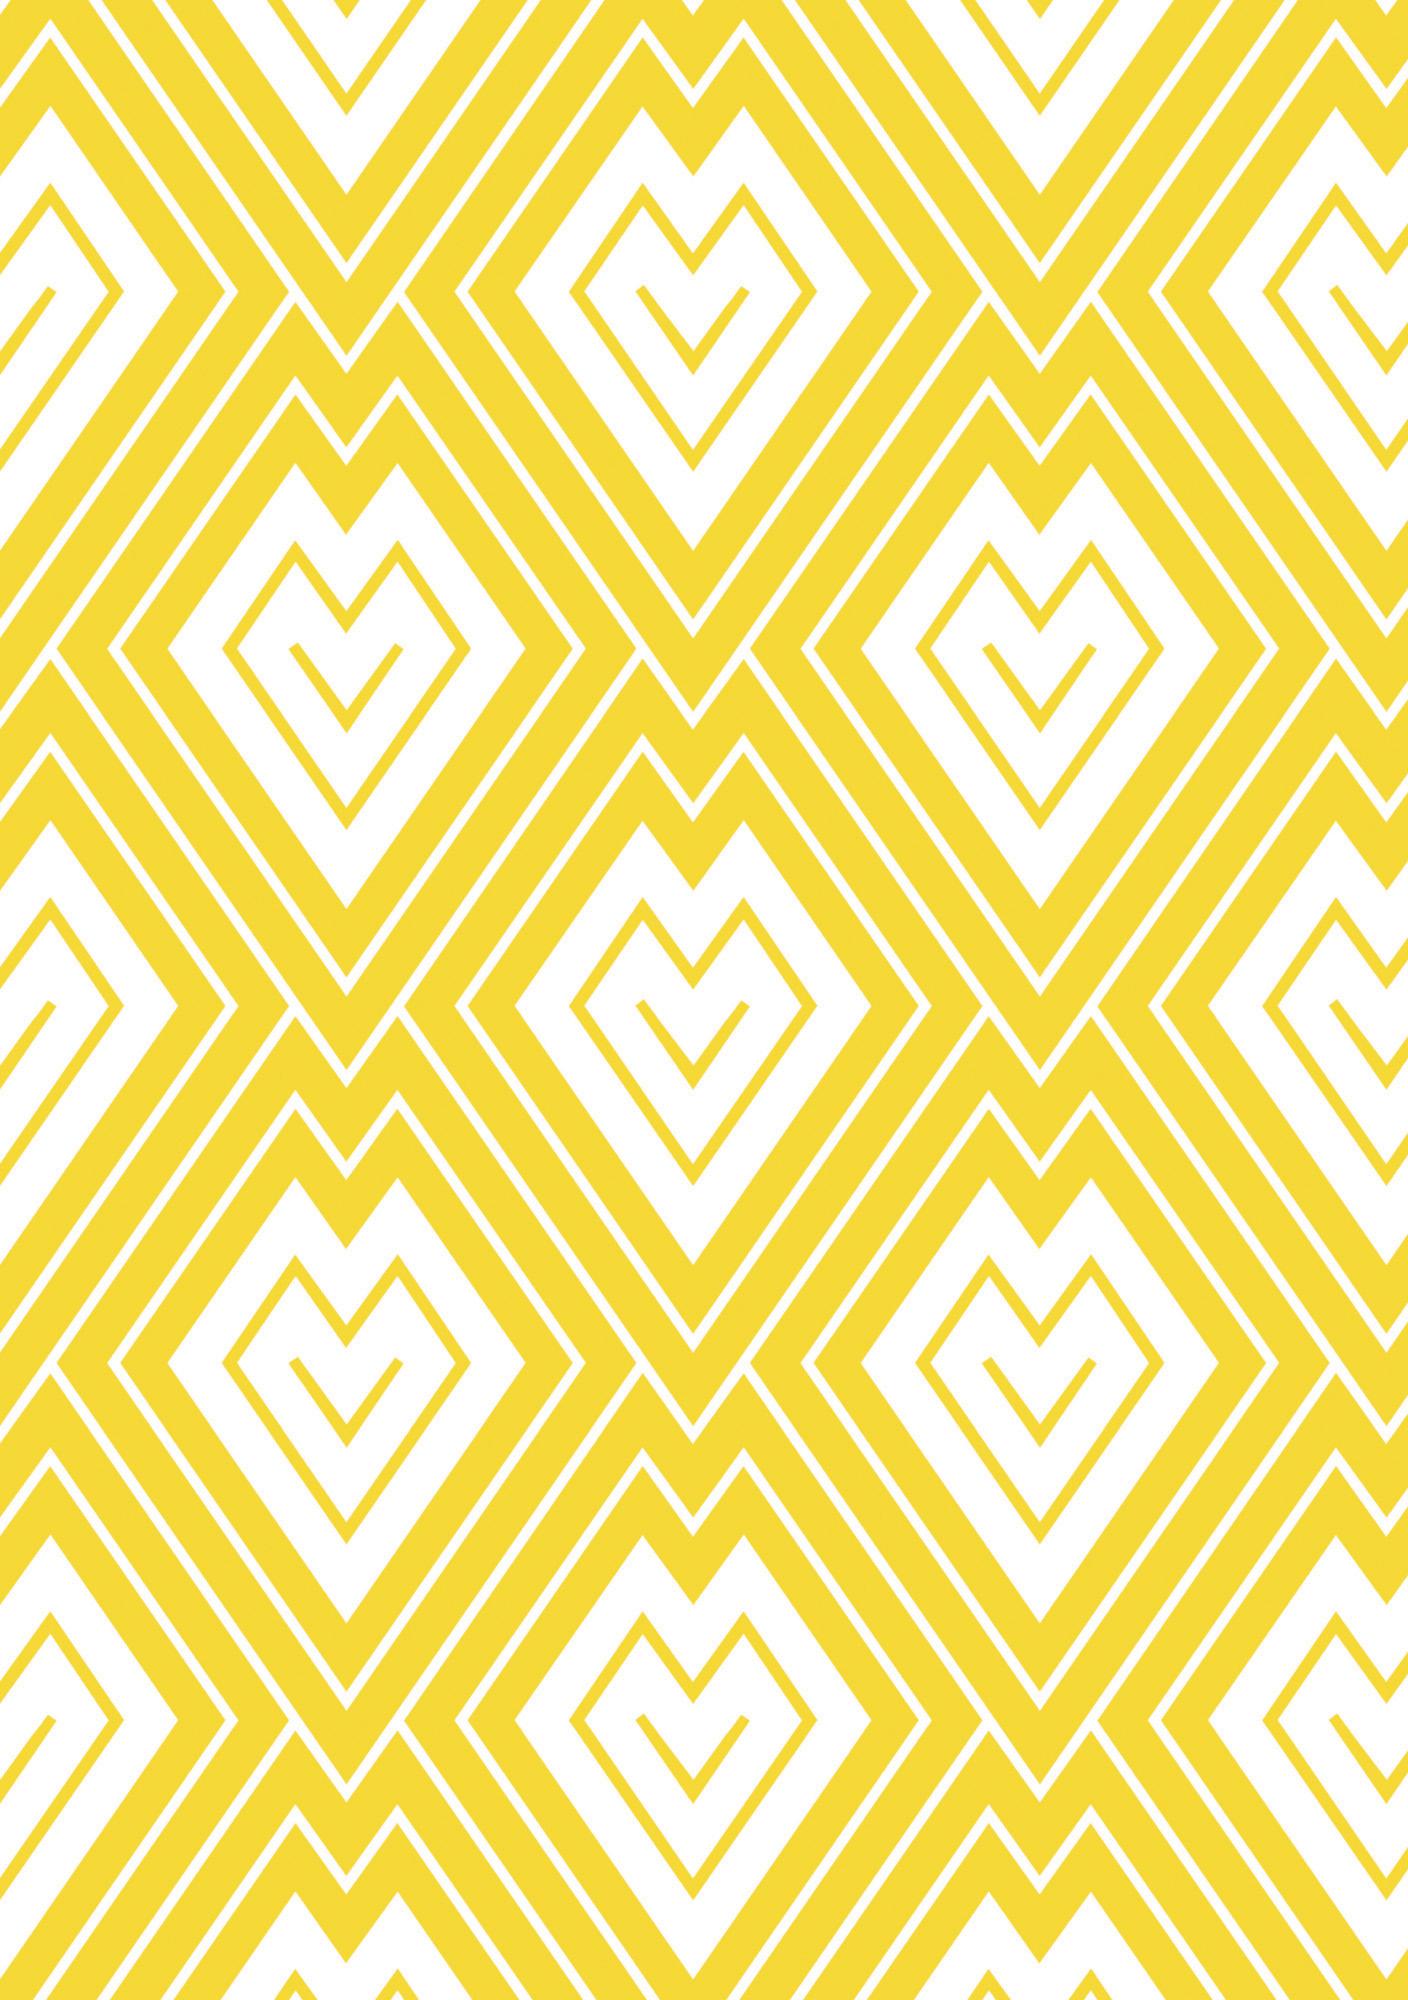 020 - желтый